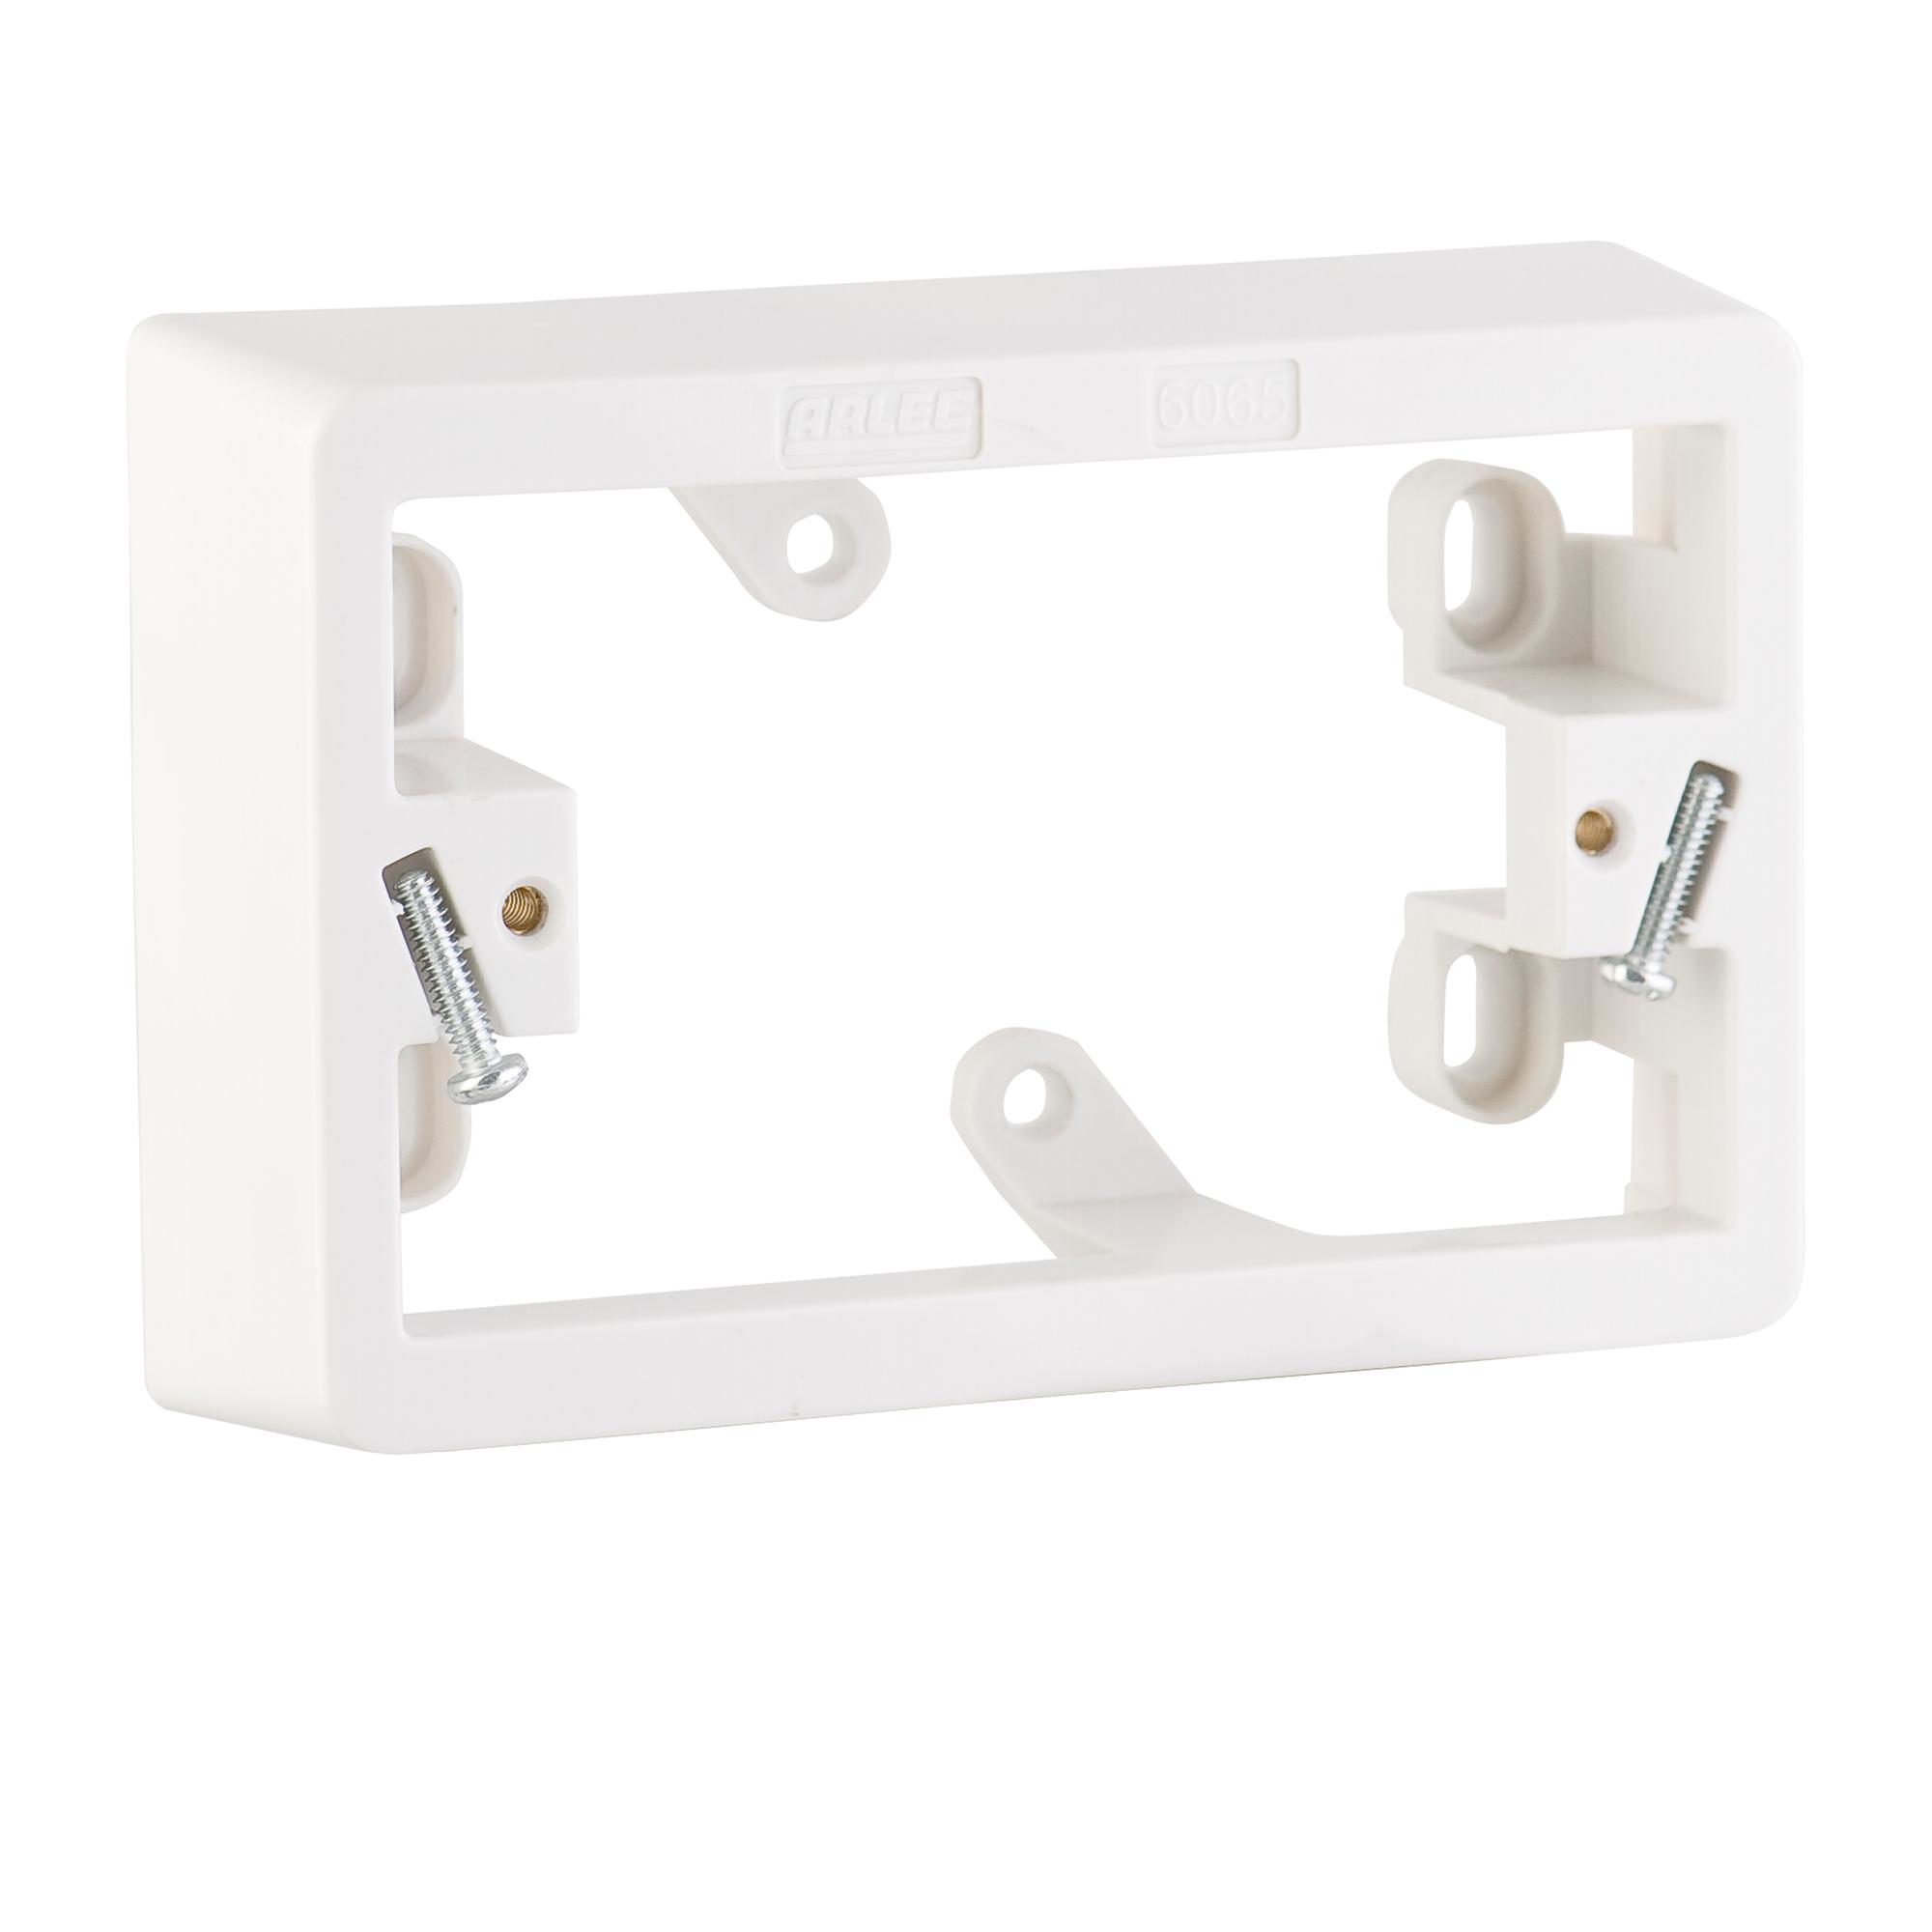 Deta standard mounting block